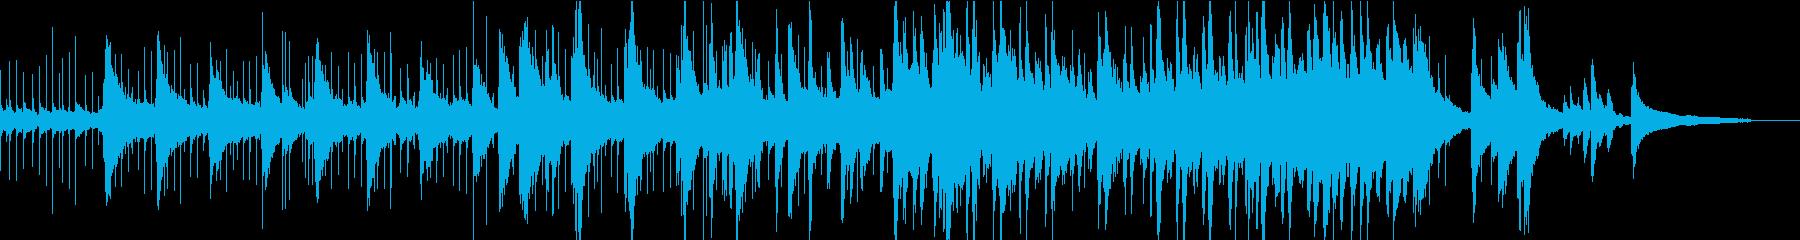 小さな閃きをイメージしたラテンポップスの再生済みの波形